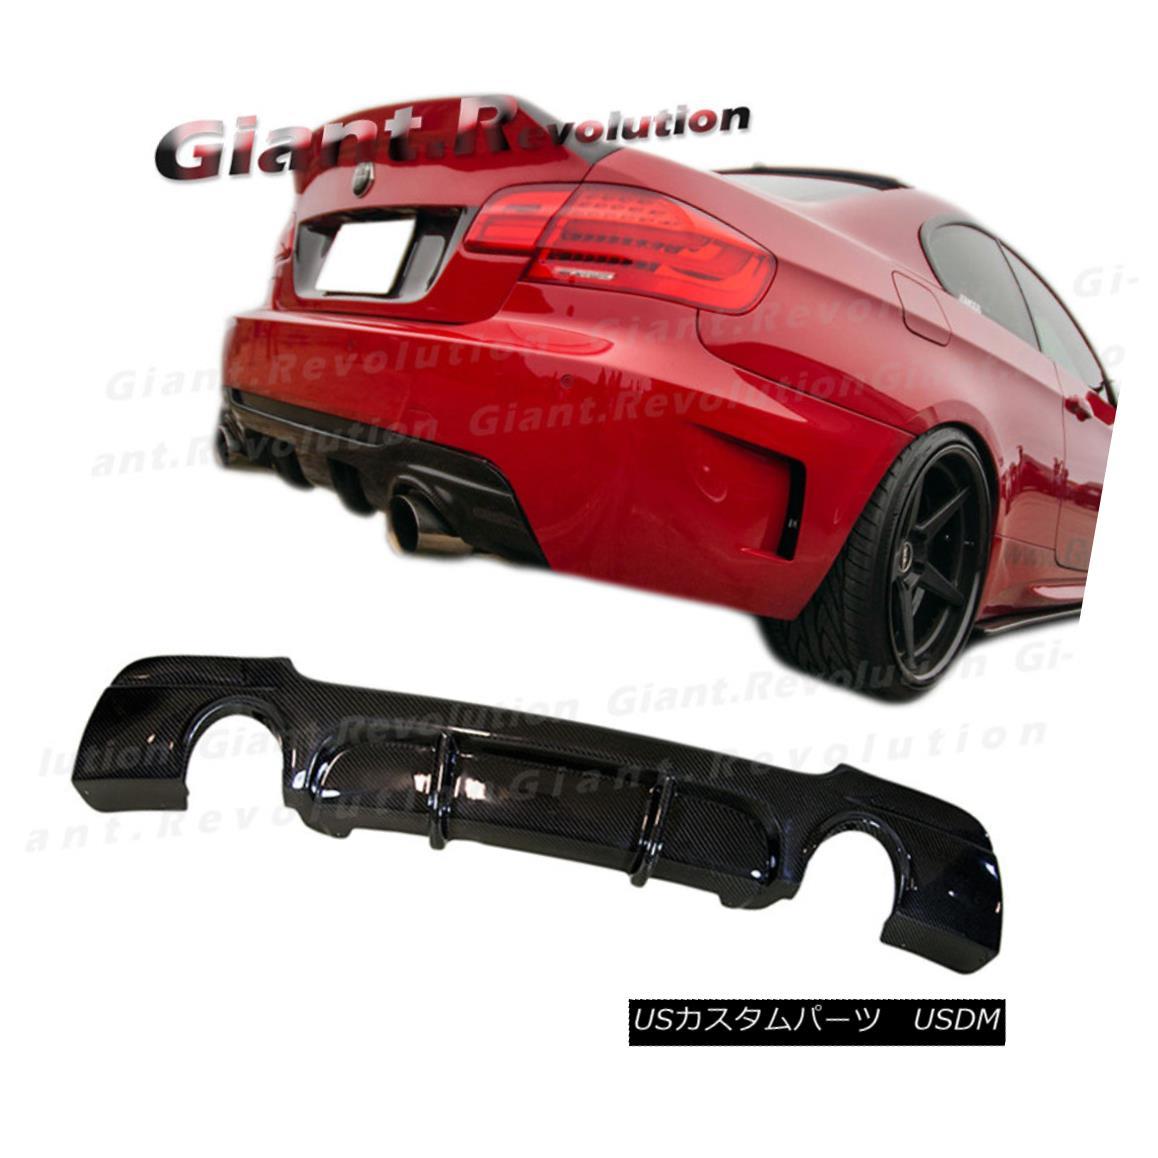 エアロパーツ P Style Carbon Fiber Replaced Rear Diffuser Fit BMW 07-13 E92 E93 M-Sport Bumper PスタイルカーボンファイバーをリアディフューザーフィットBMW 07-13 E92 E93 M-スポーツバンパーに交換